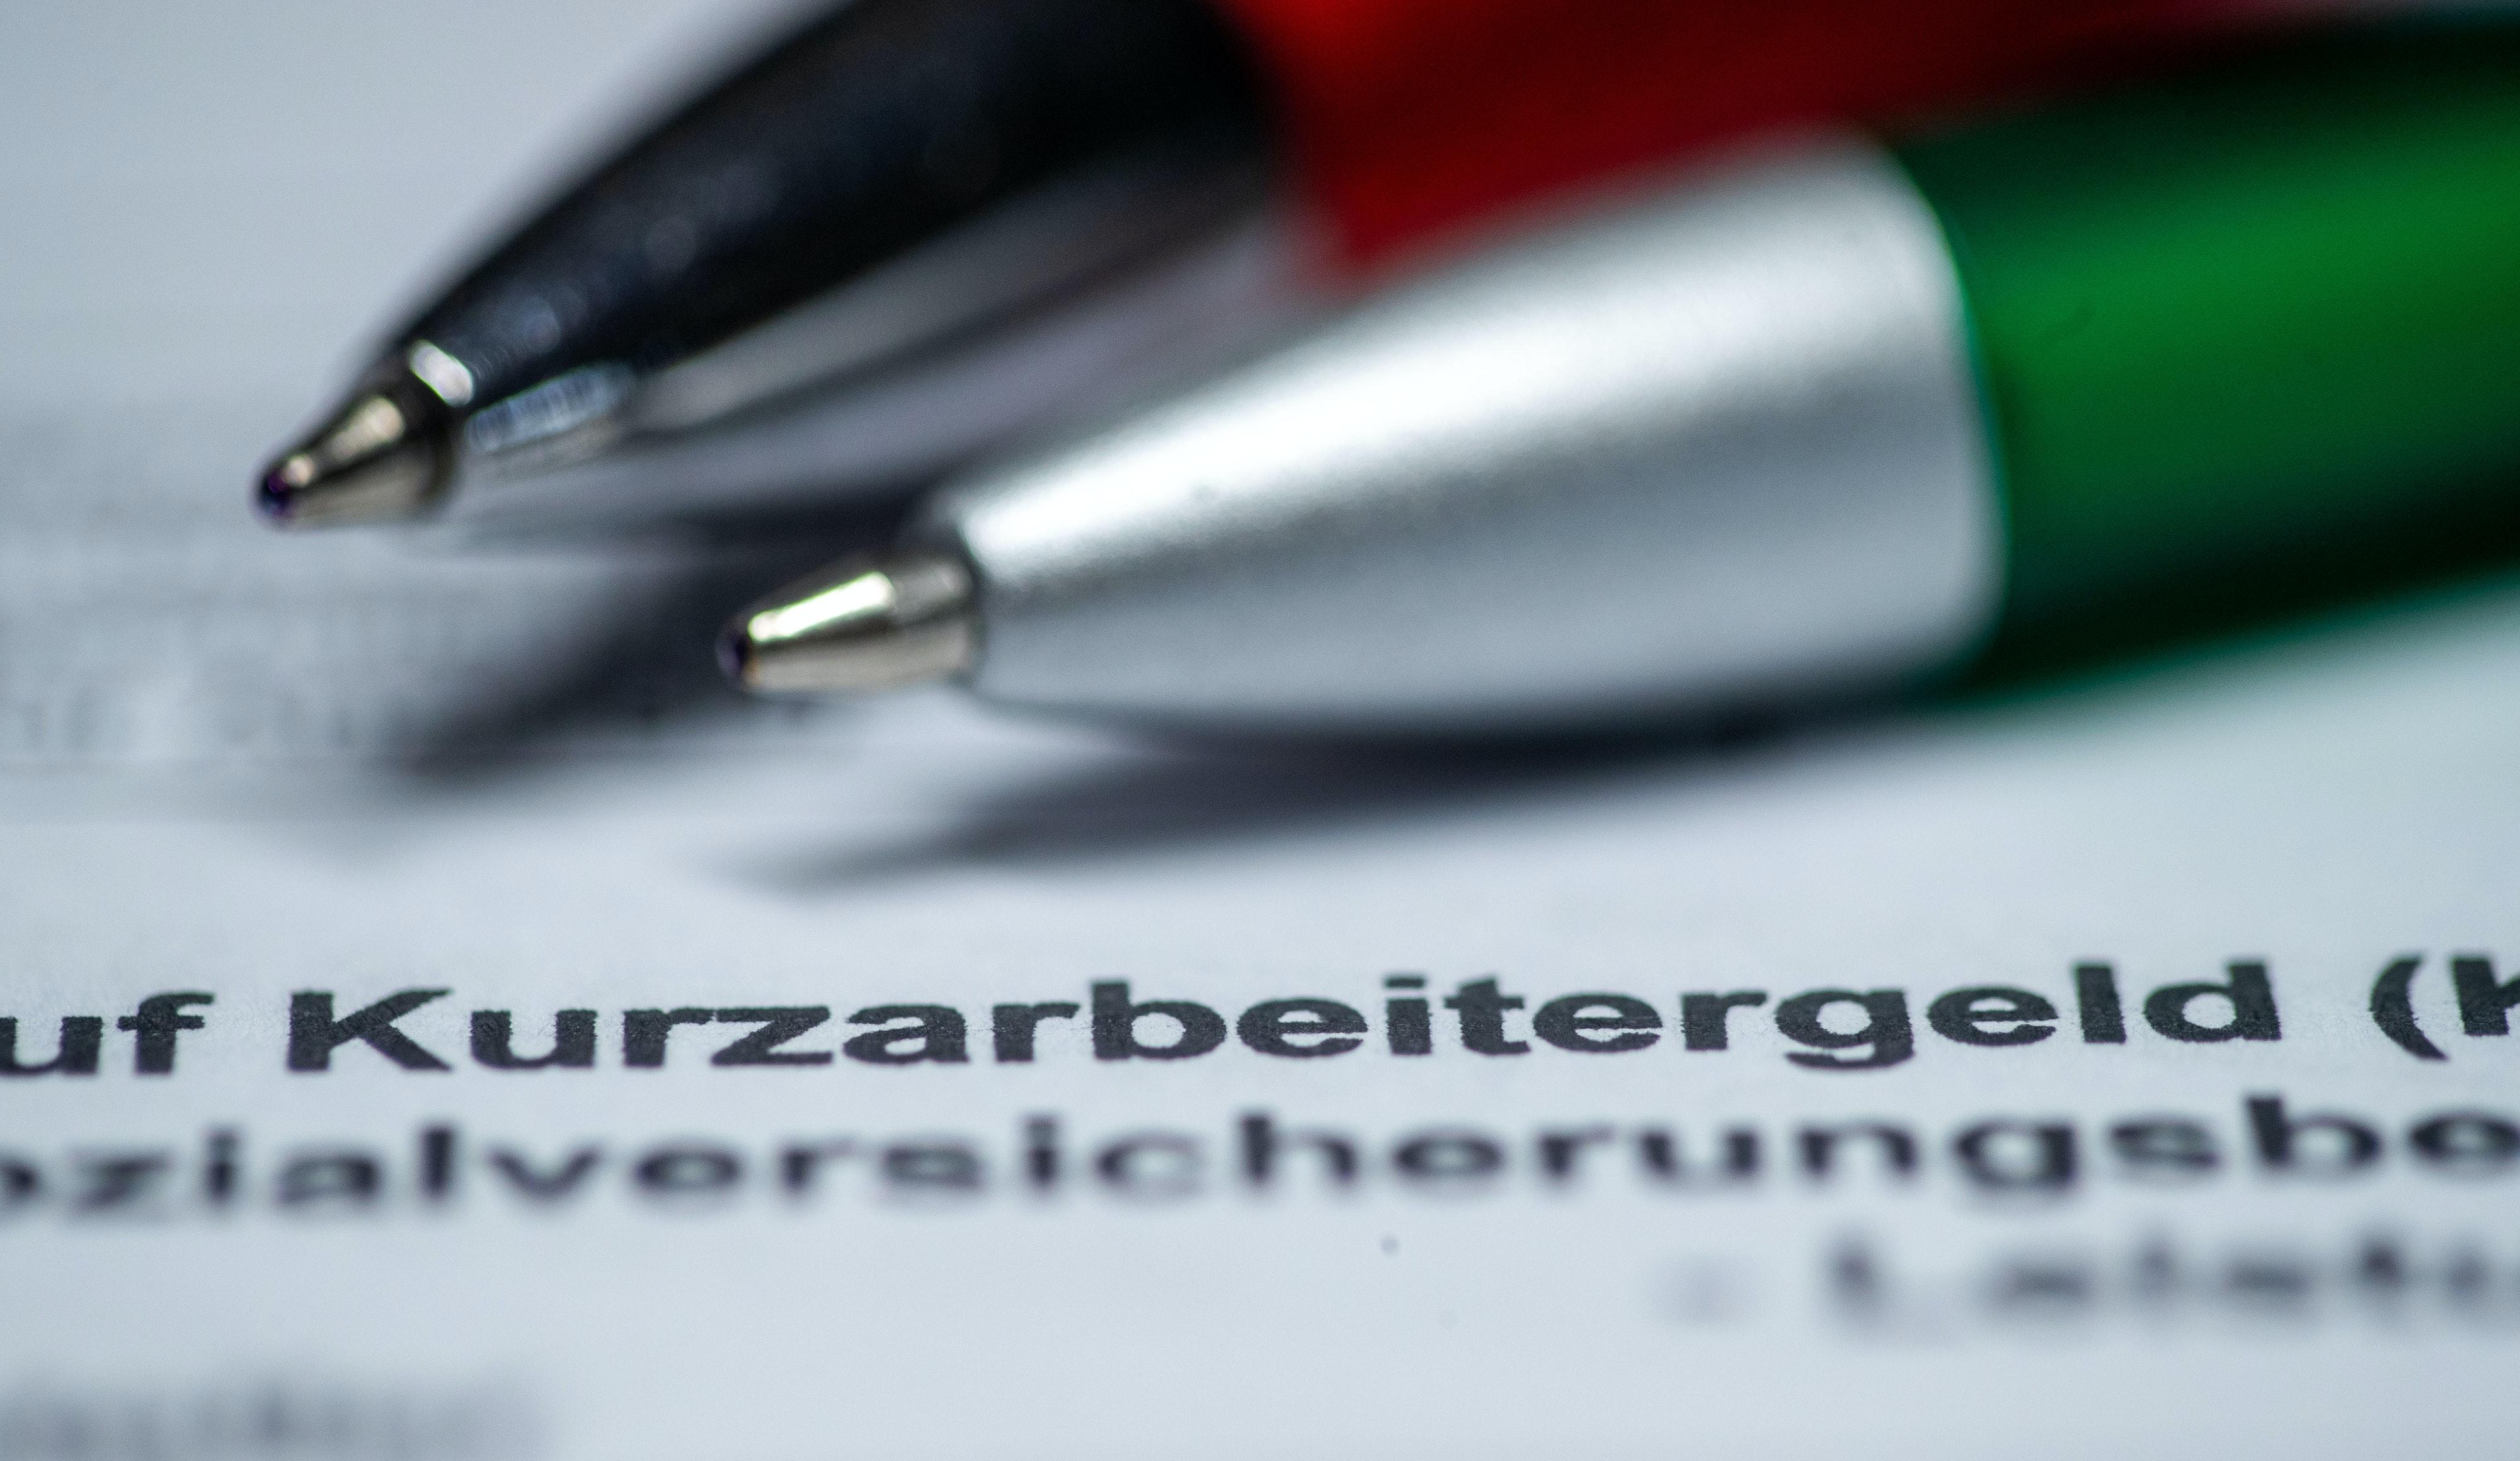 Für etwa 40.000 Beschäftigte in den Kreisen Cloppenburg und Vechta wurde im März und April Kurzarbeitergeld beantragt. Foto: dpa/Büttner